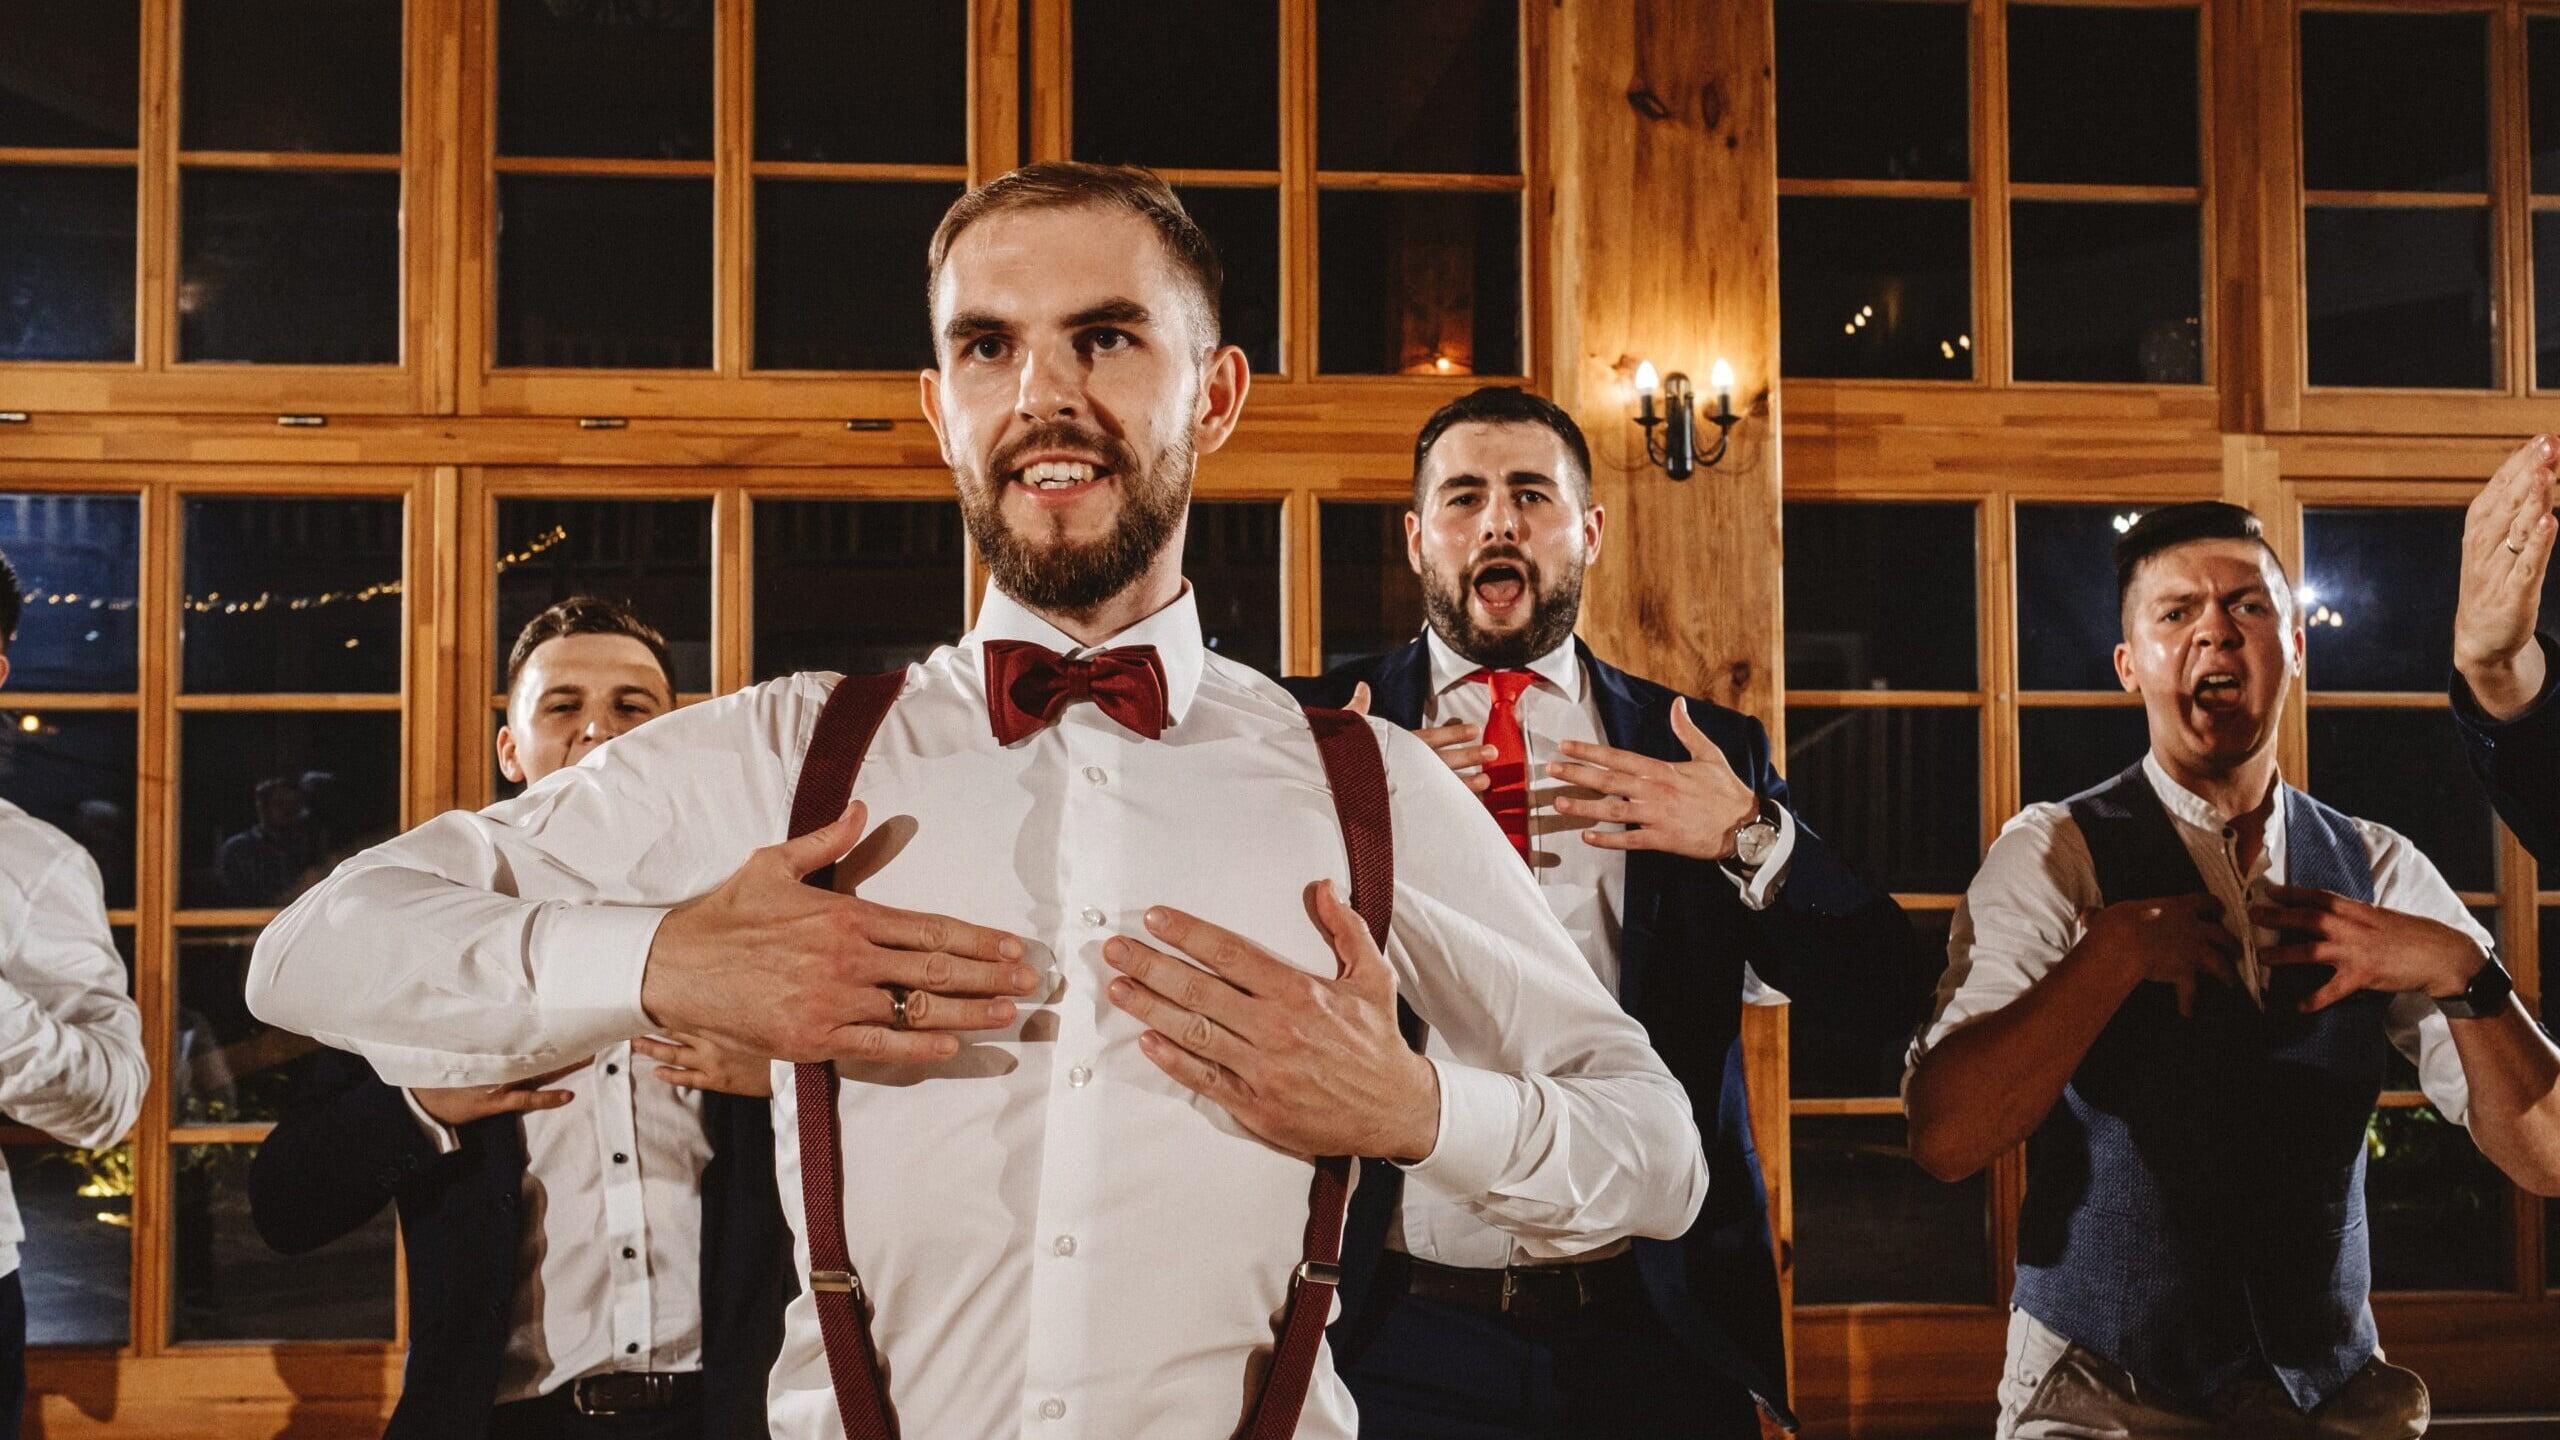 dj na wesele szczecin dj kapitan 00001 scaled uai